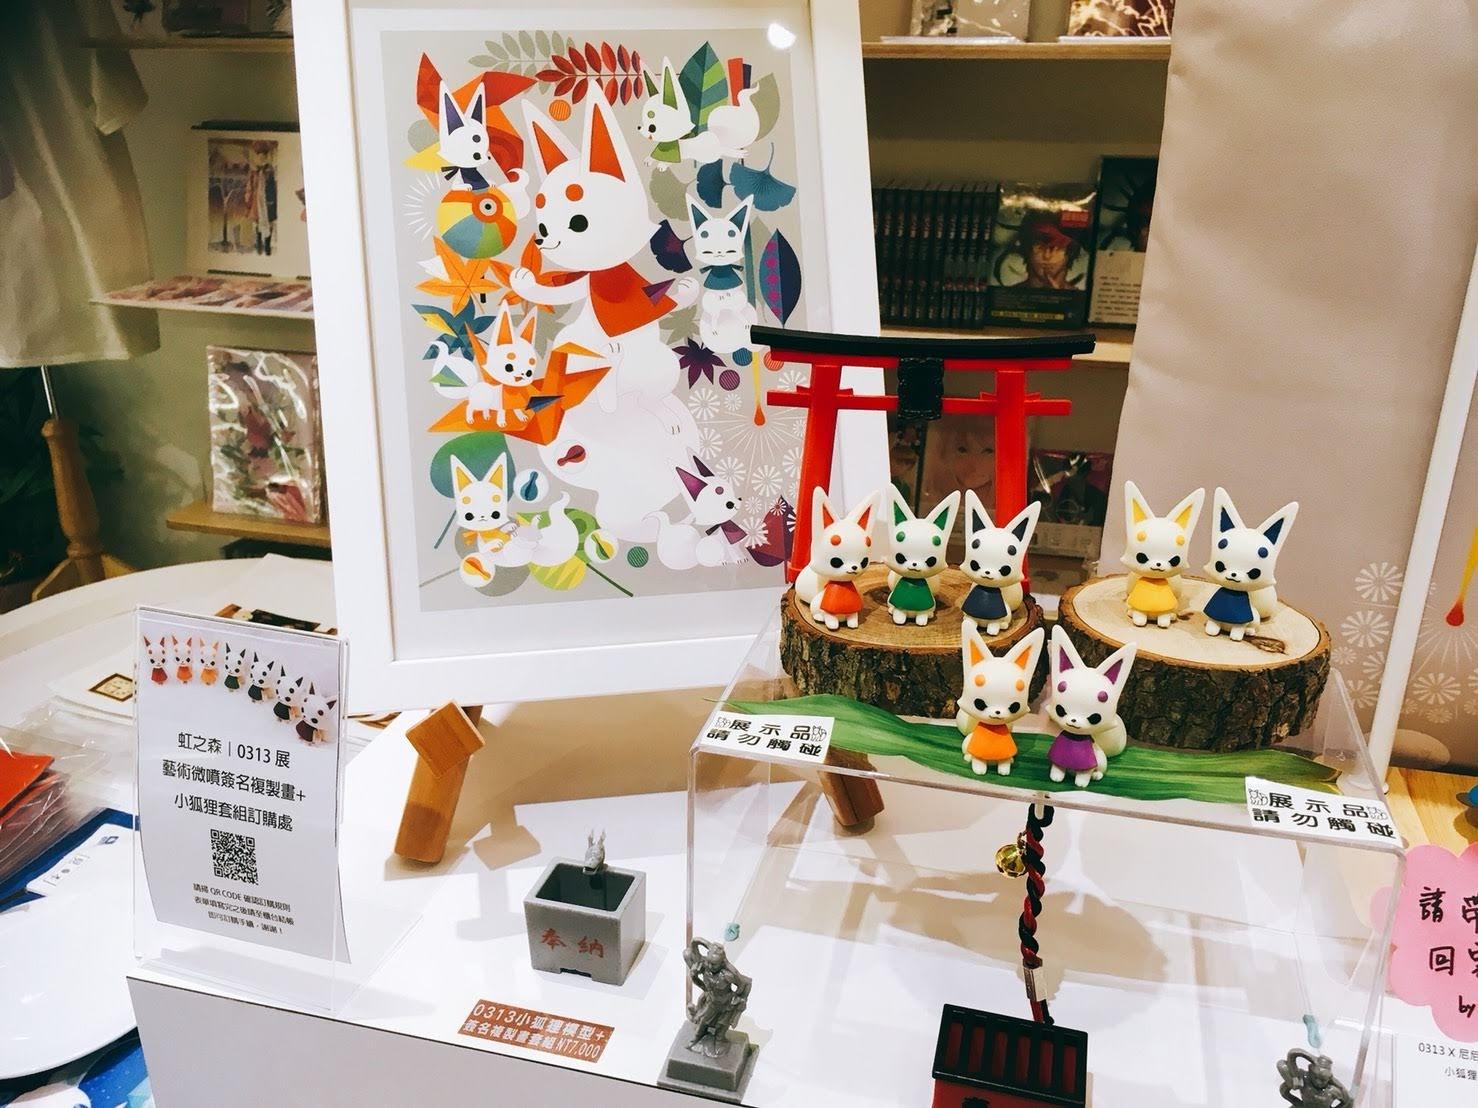 【迷迷訪問】日本超人氣可愛雜貨插畫家0313來台 鳳梨酥、台灣黑熊、石虎有機會入畫